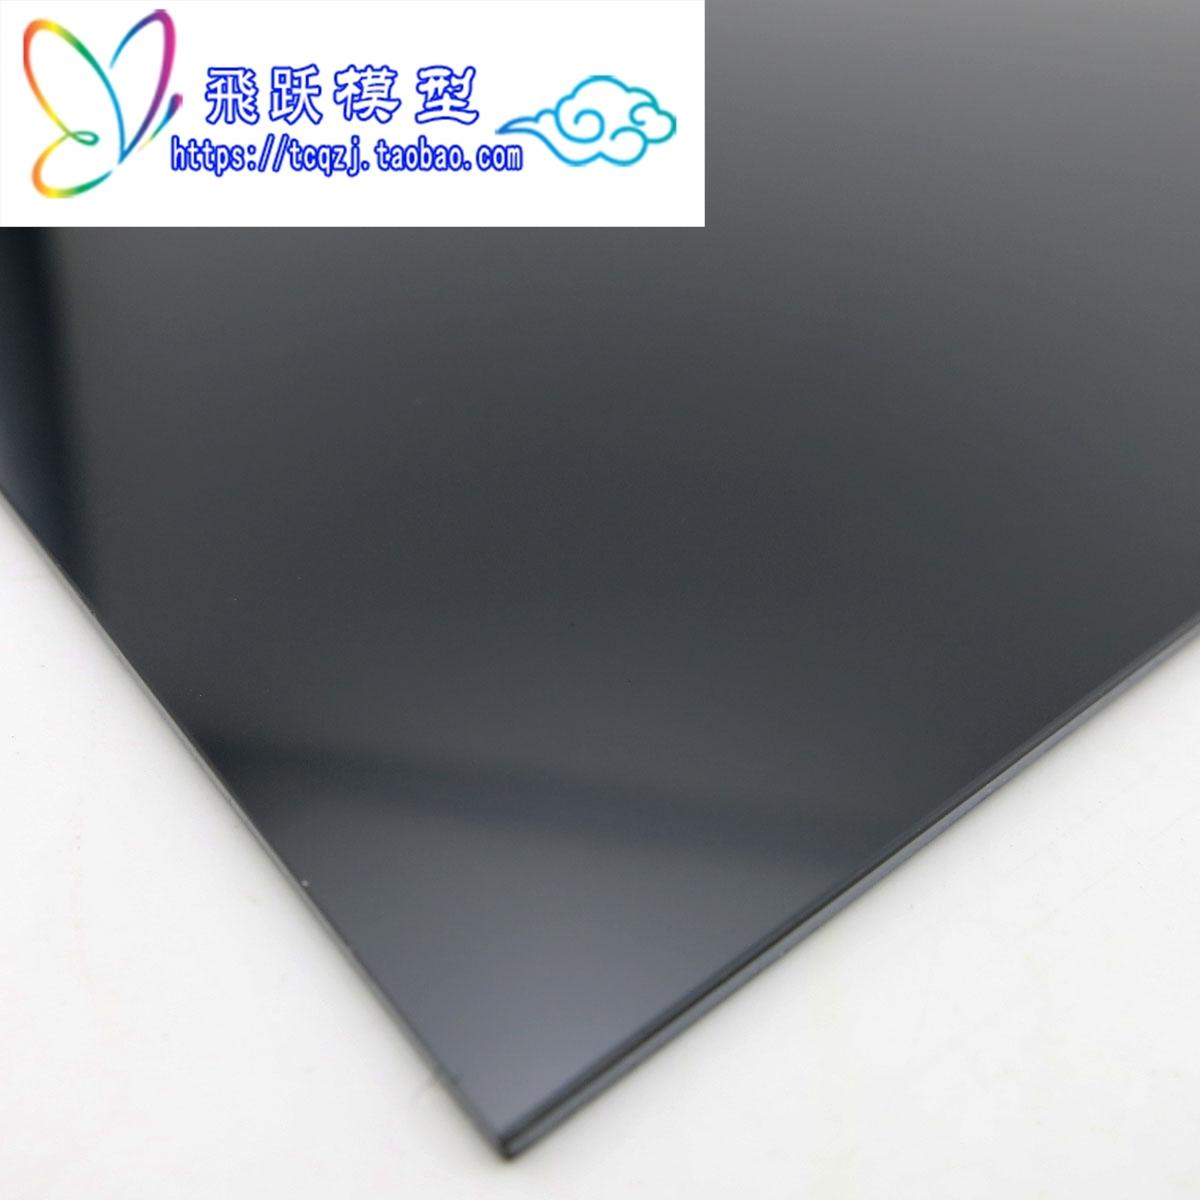 改造材料配件ABS板黑色飞跃板diy模型制作模型建筑模型塑料